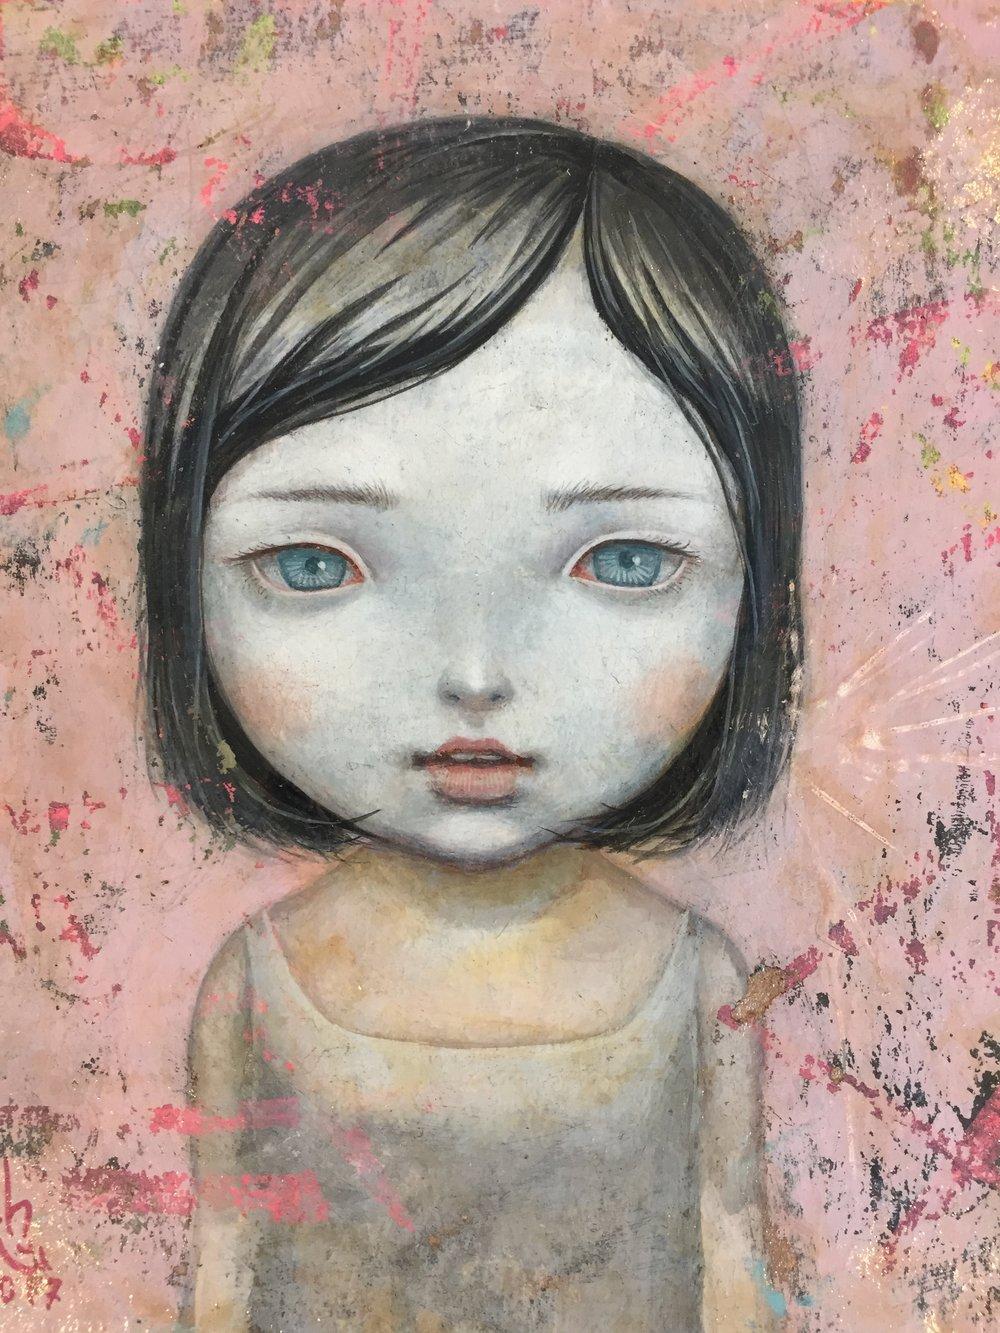 Gouache, aquarelle & acrylique sur toile - 16 x 18,5 cm